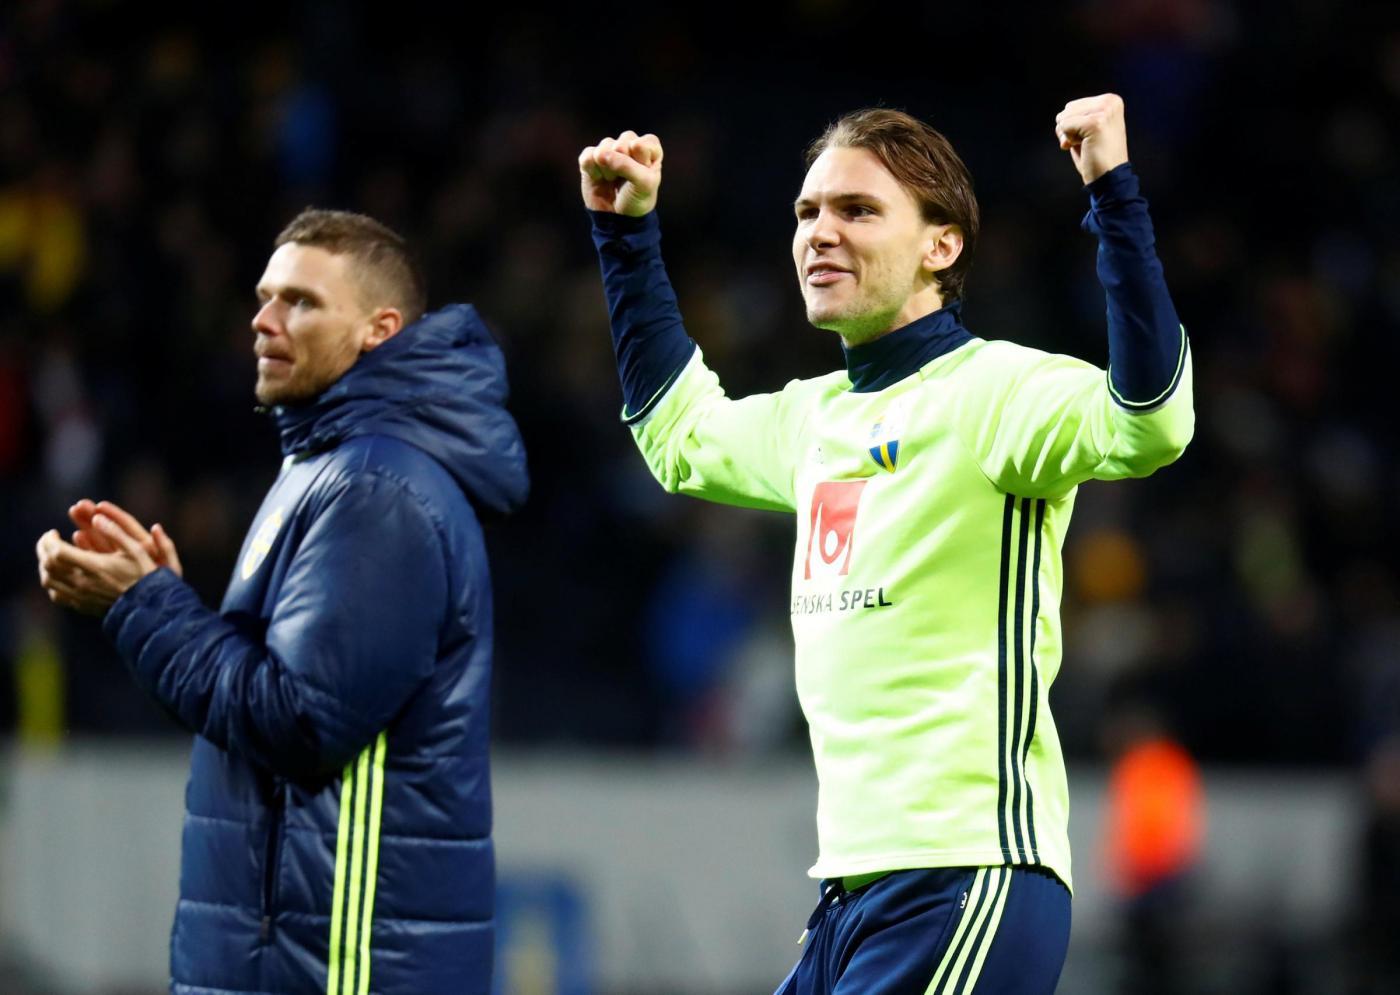 Italia-Svezia, Andersson contro le polemiche: